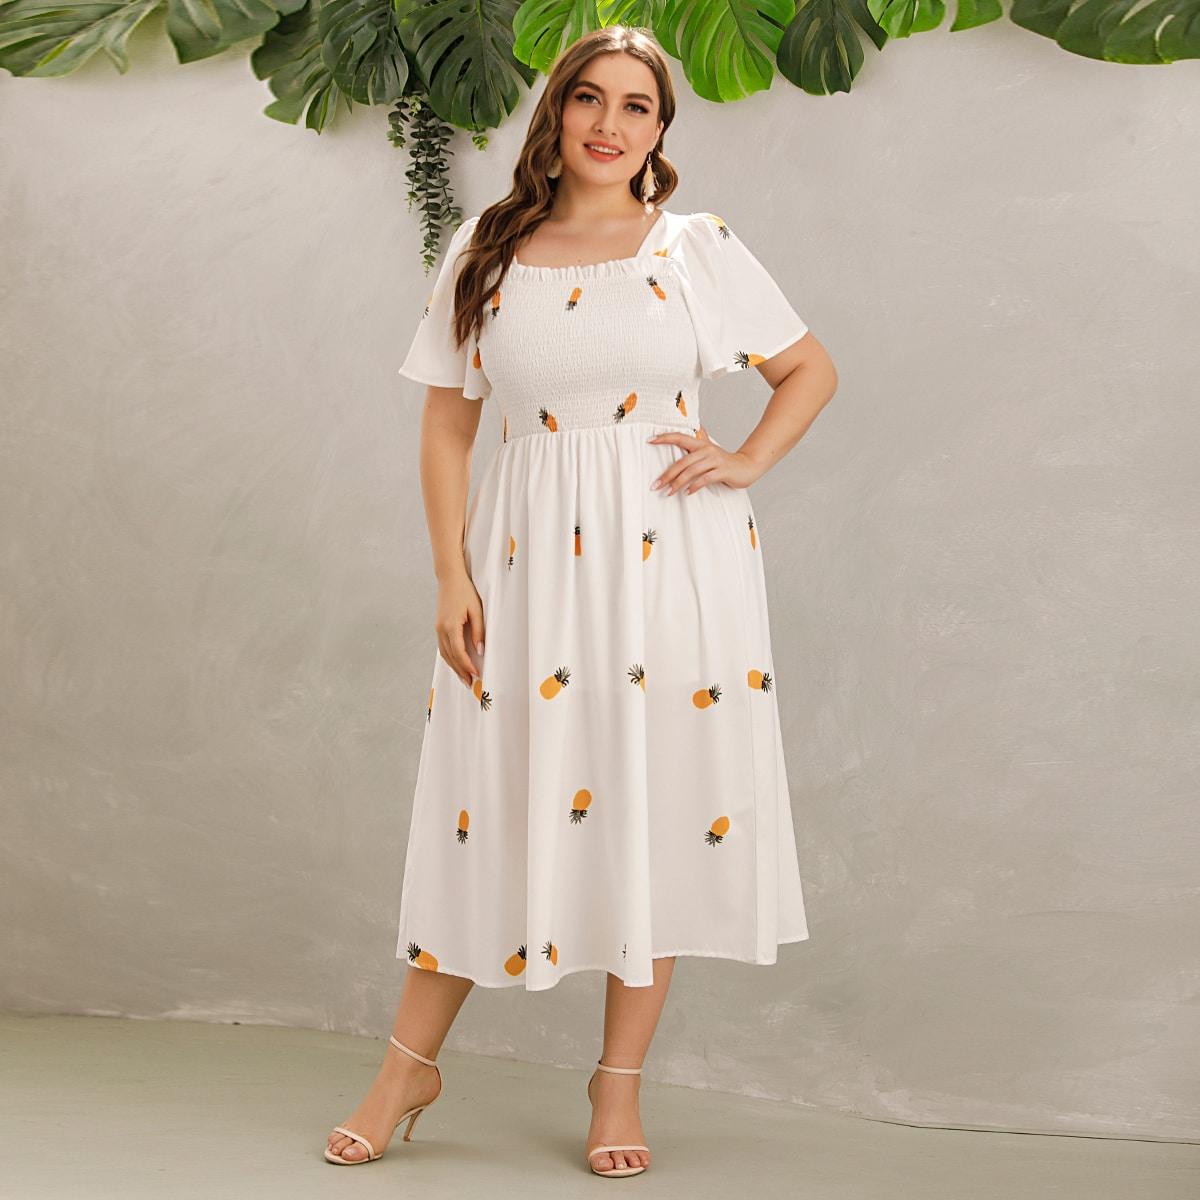 Белый Галстук на спине Фрукты и овощи Элегантный Платья размер плюс от SHEIN